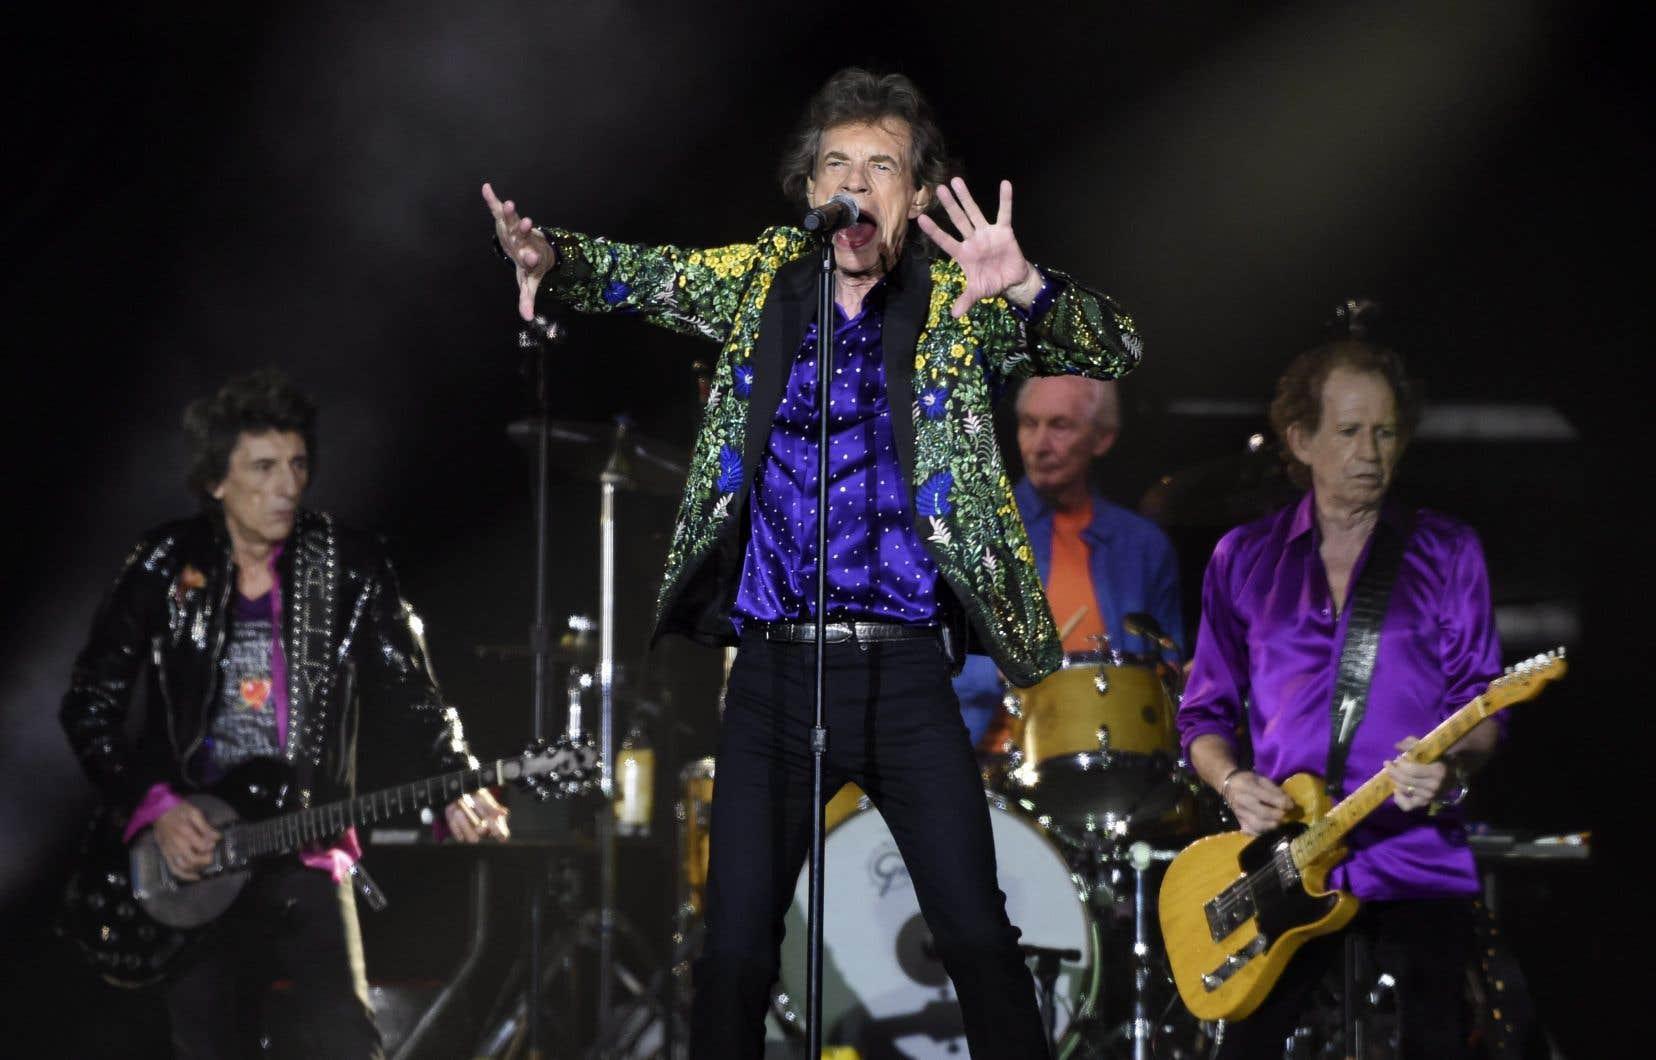 L'évènement, auquel participeront samedi les Rolling Stones, est organisé par l'organisation Global Citizen en collaboration avec l'Organisation mondiale de la Santé.